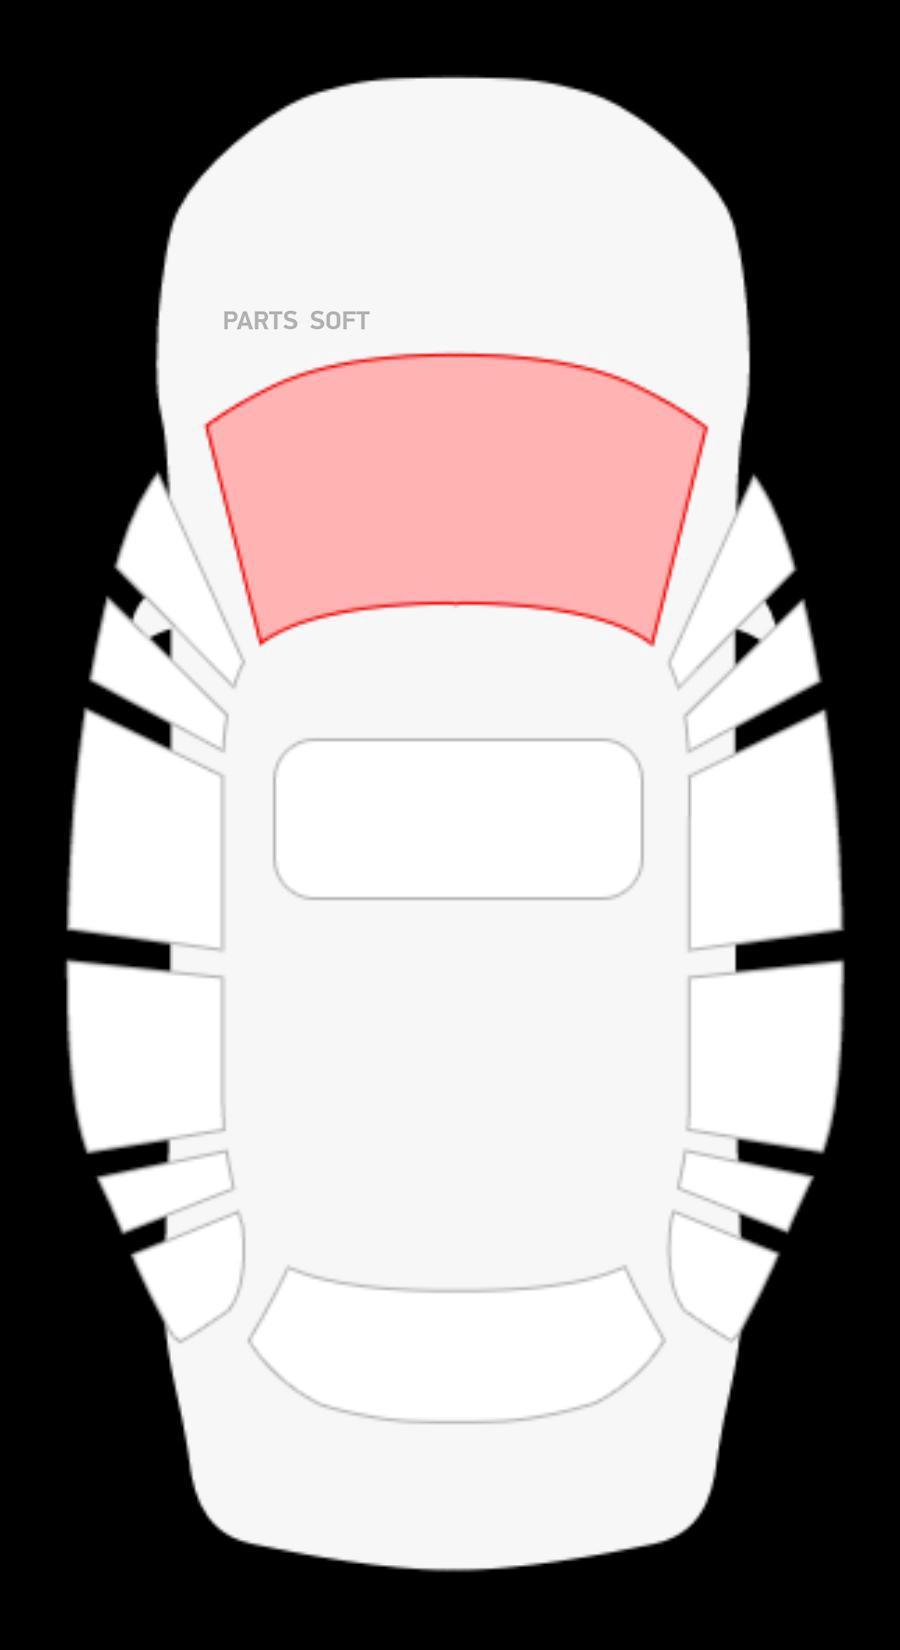 Nissan Tiida 4D  седан / 5D Hbk (07-11) / Versa 4D седан (06-11) /  Dodge Trazo 4D седан (08-11) (без полосы)